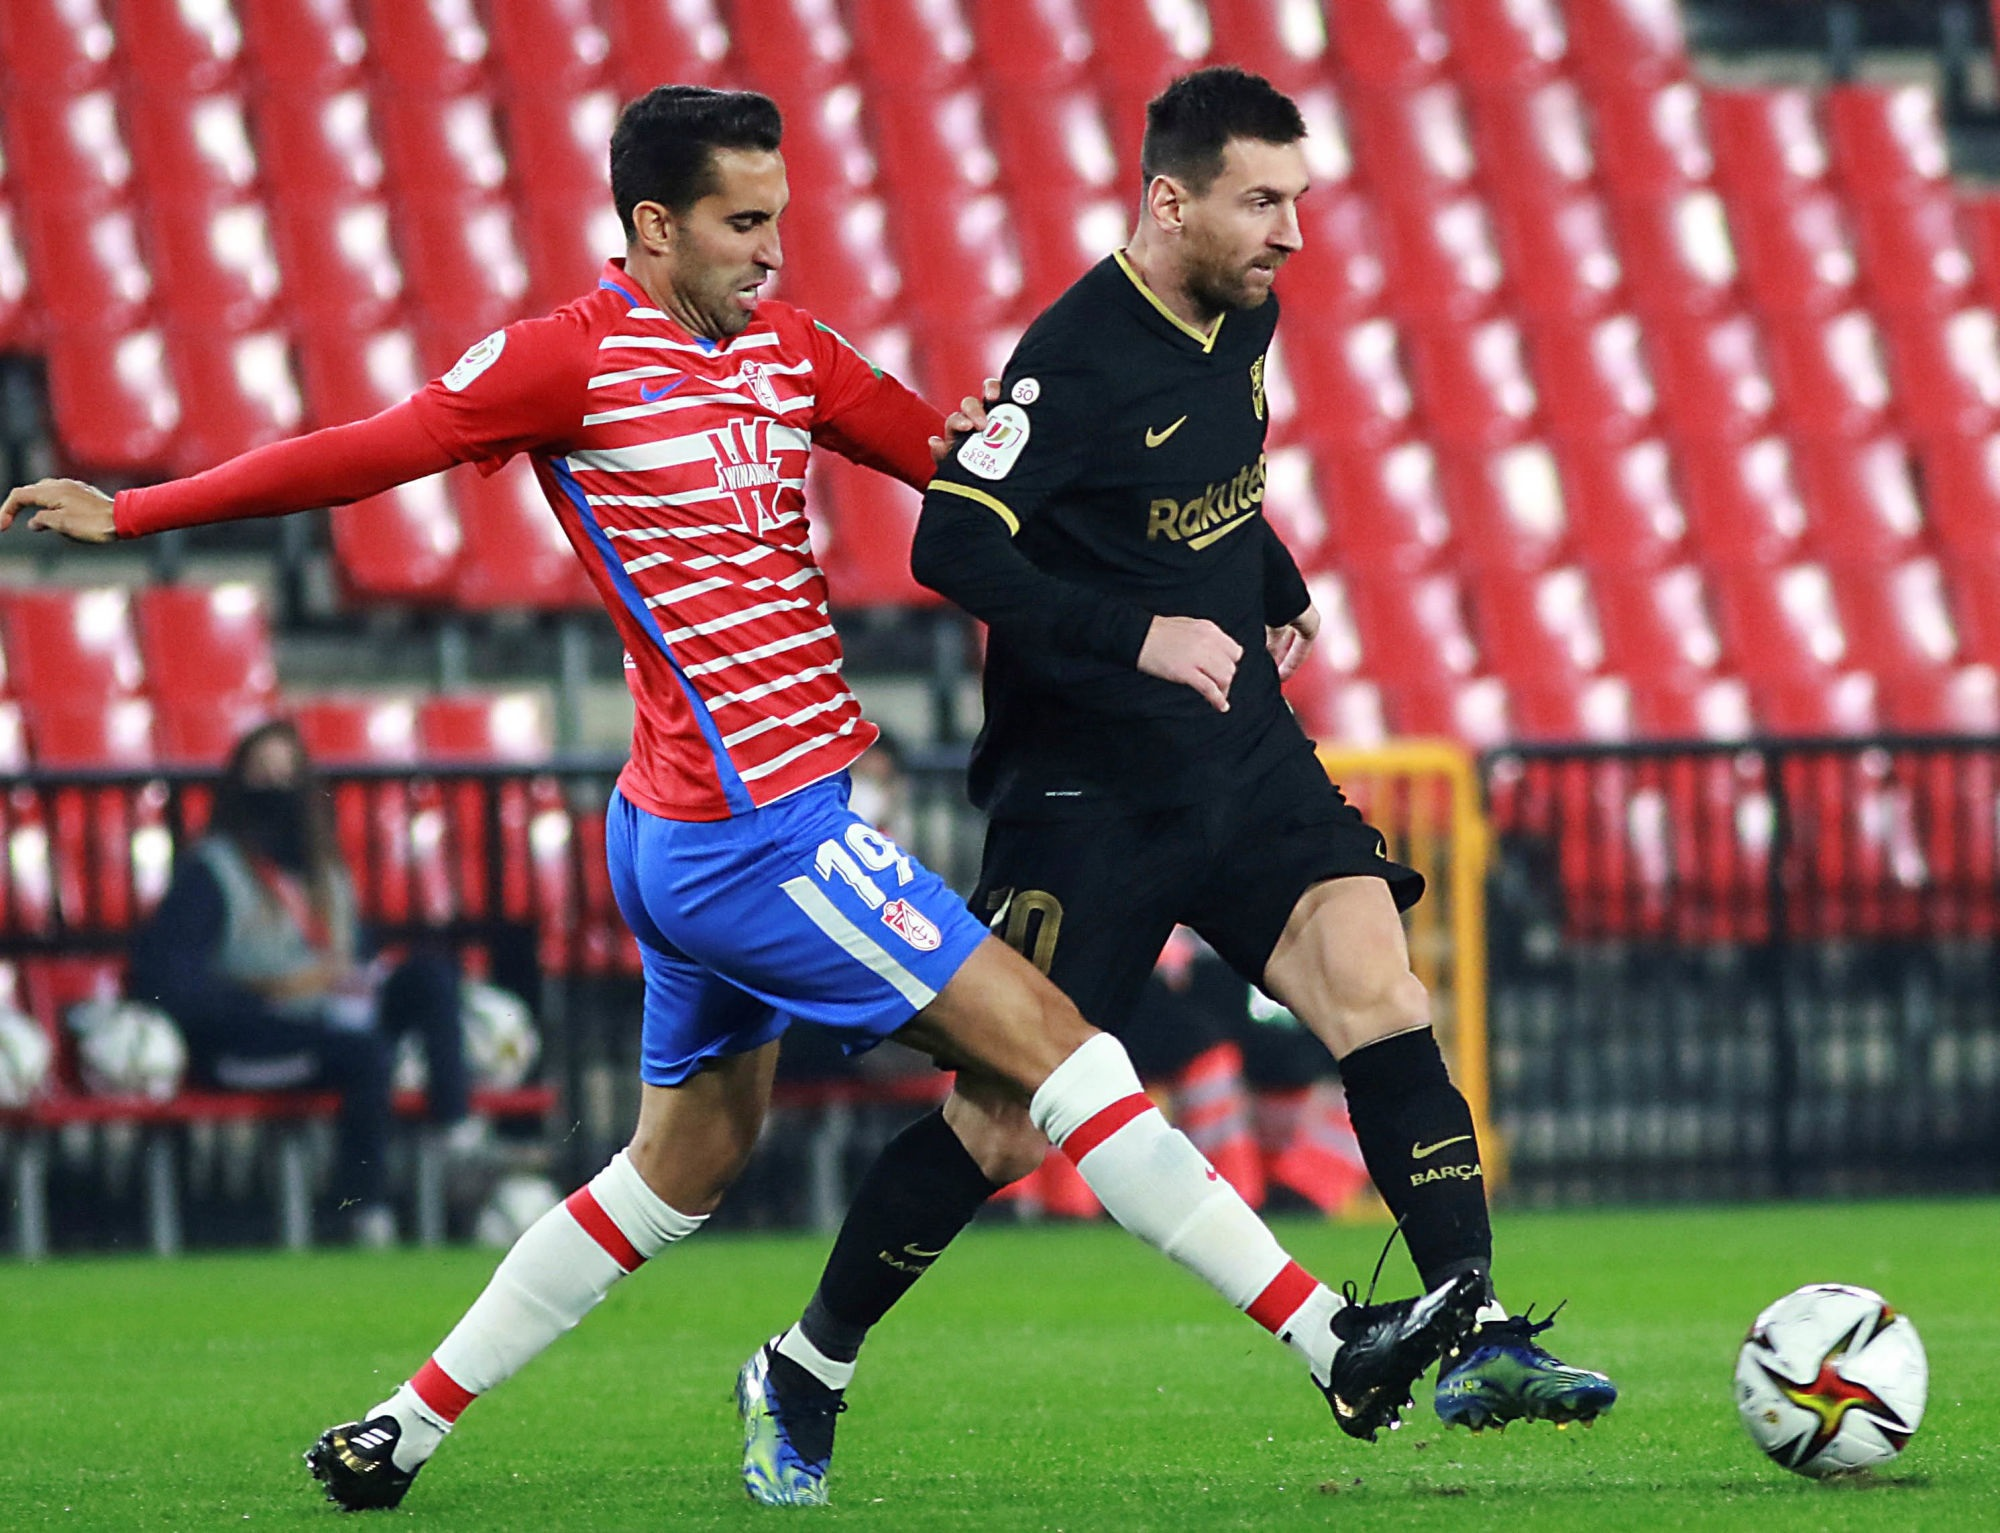 LDC - Barça s'est imposé contre Grenade en quart de finale de Coupe après prolongations